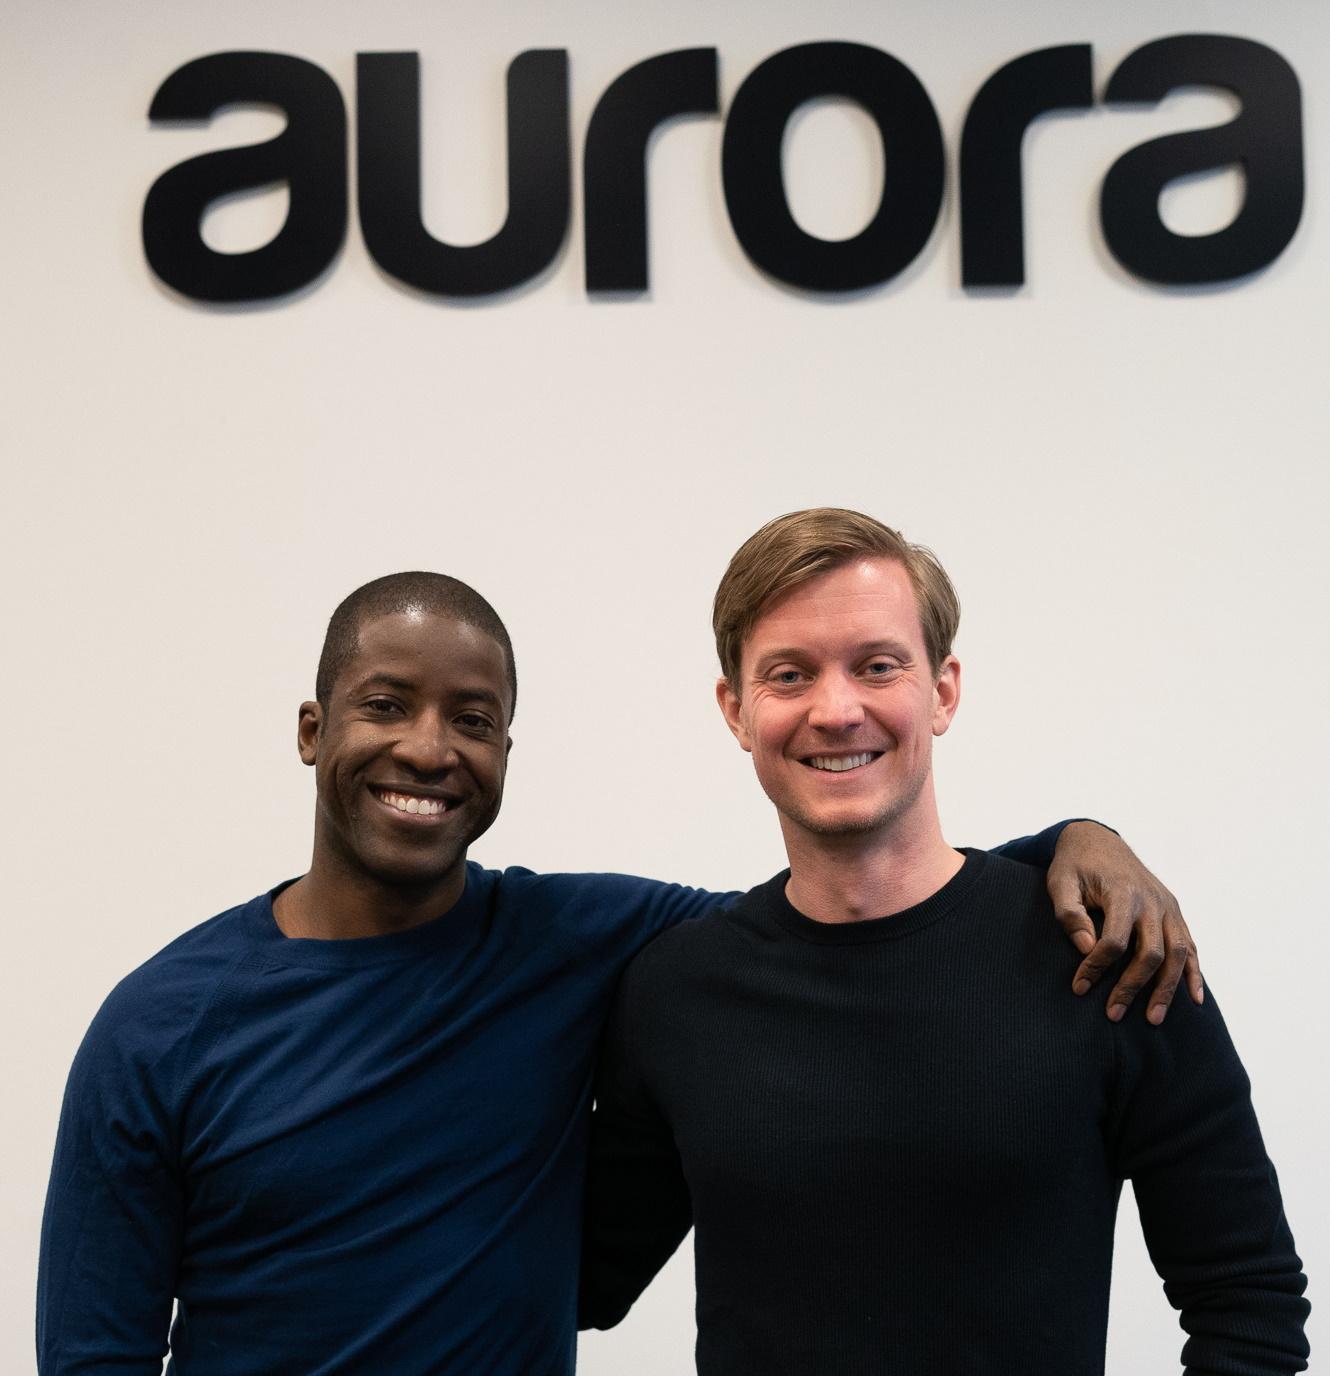 Aurora Solar co-founders Samuel Adeyemo (left) and Chris Hopper (right).